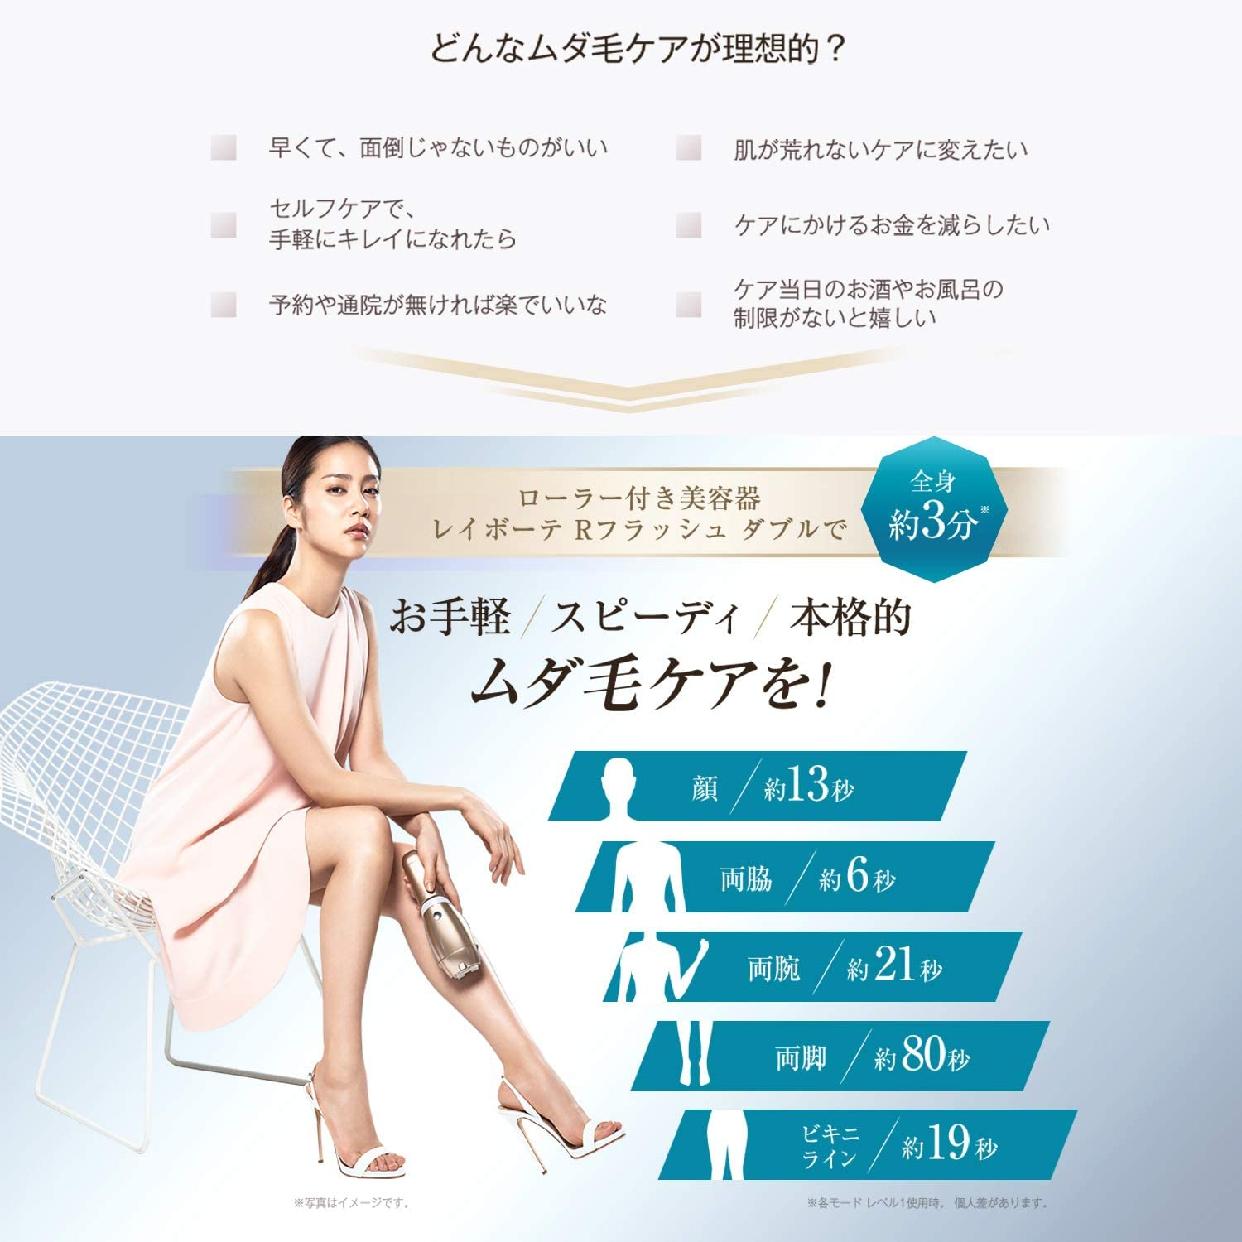 YA-MAN(ヤーマン) レイボーテ Rフラッシュ ダブルの商品画像3